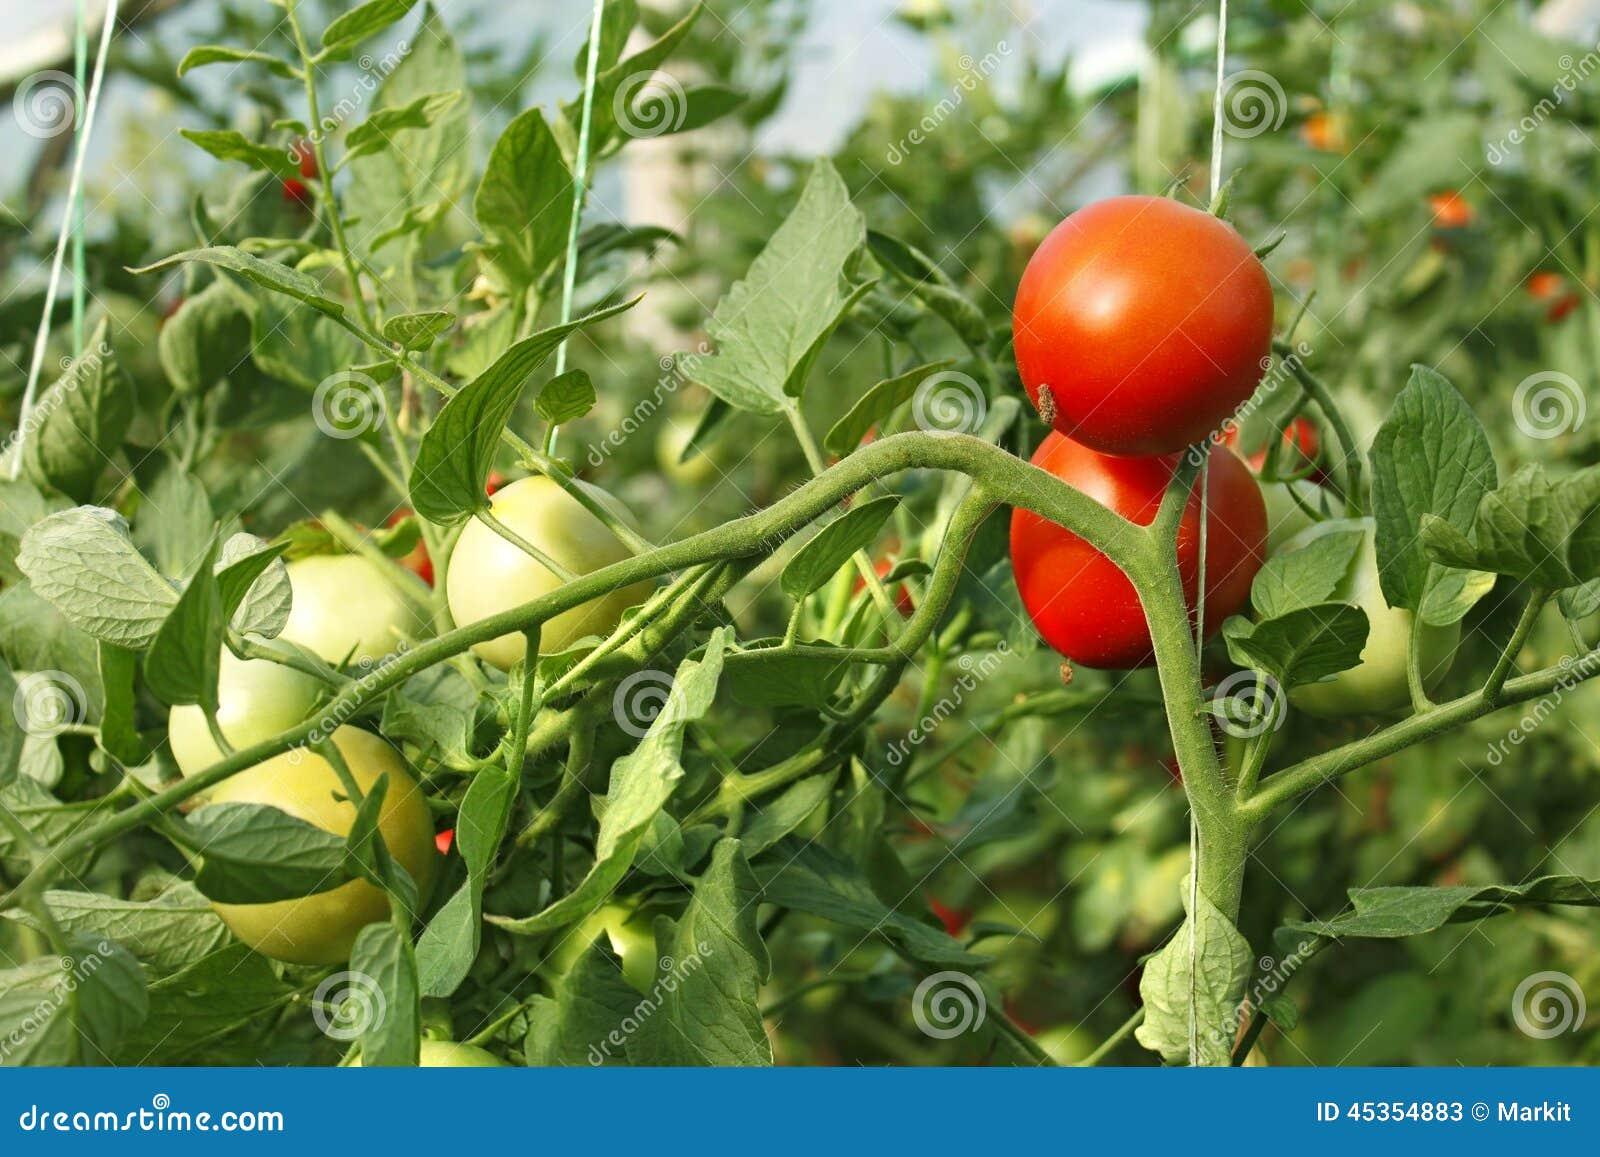 Tomates rouges et vertes en serre chaude